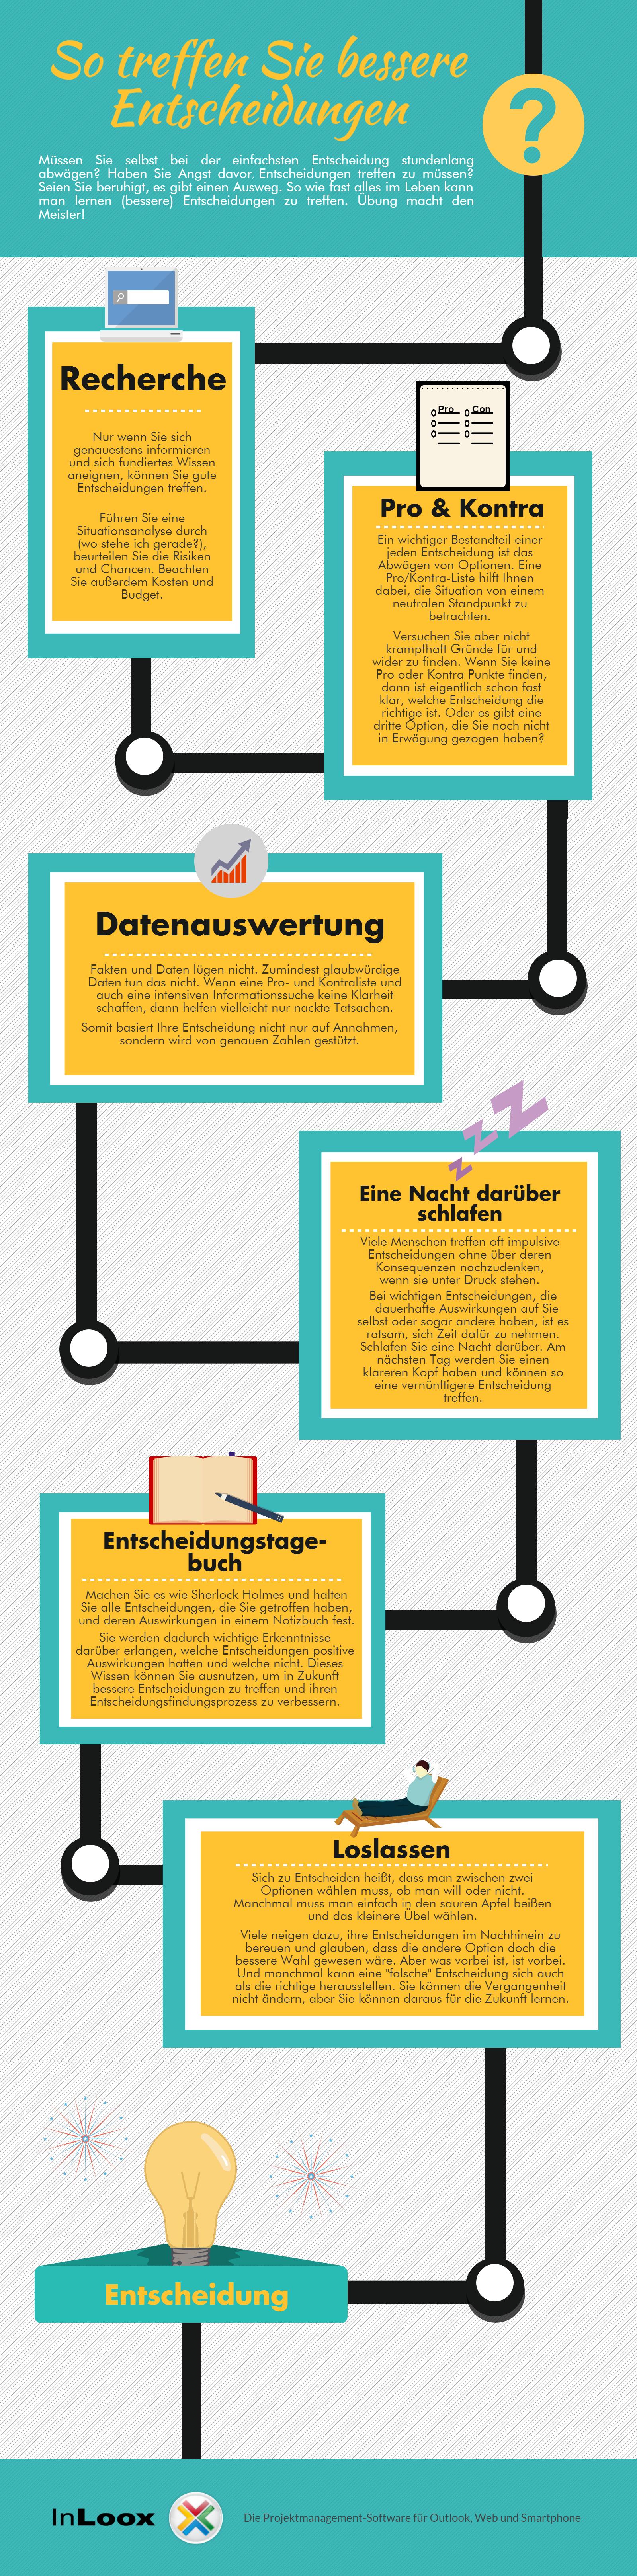 Infografik: So treffen Sie bessere Entscheidungen